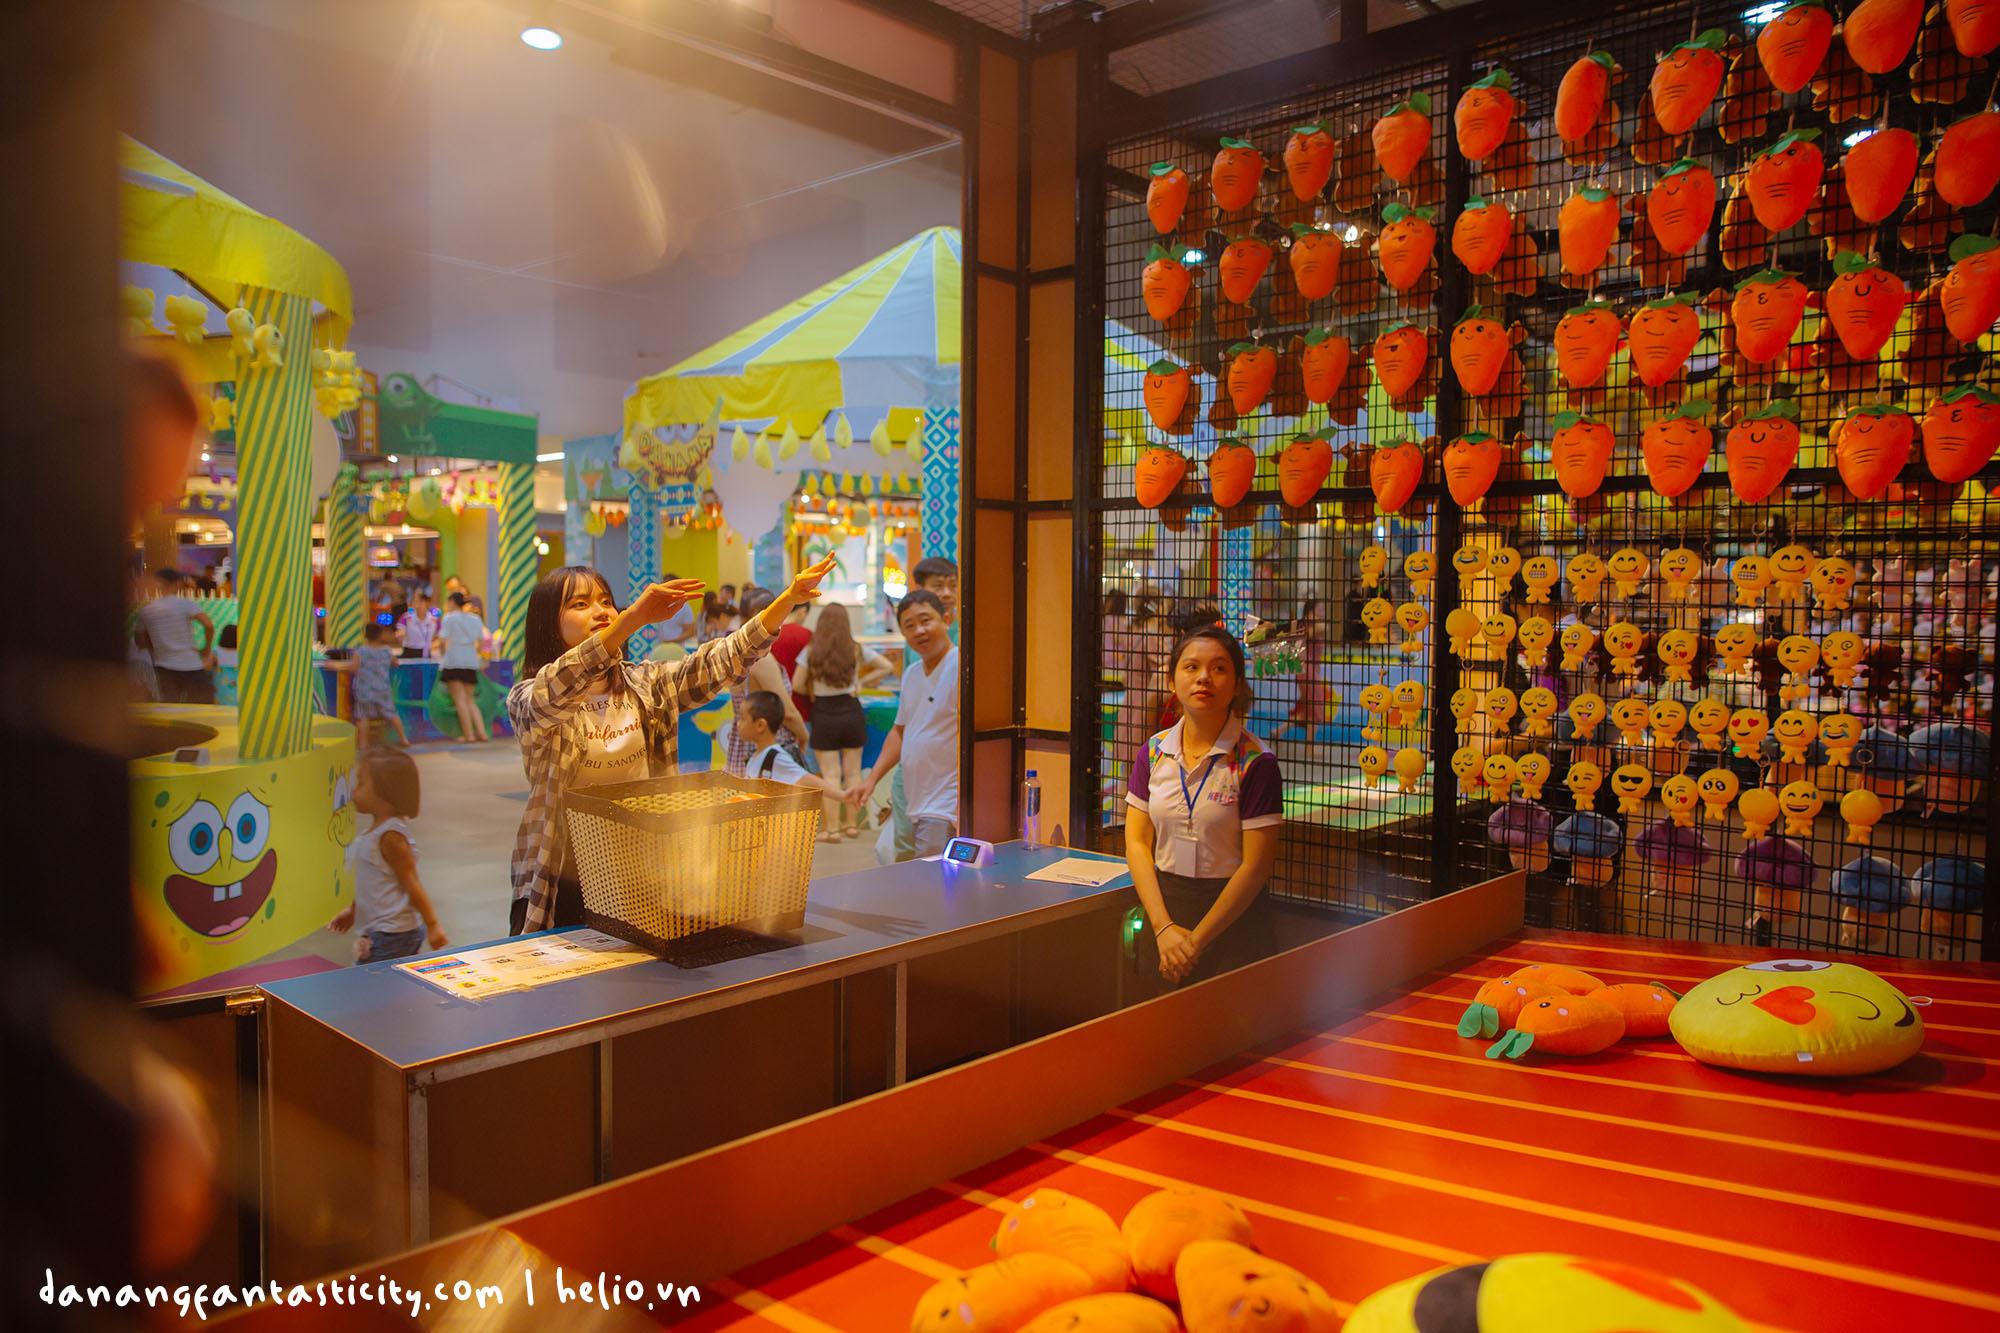 Trai Nghiem Mua He Ruc Ro Cung Helio Summer Festival 2019 Le Hoi He Nao Nhiet Bac Nhat Da Nang Danang Fantasticity Com 018